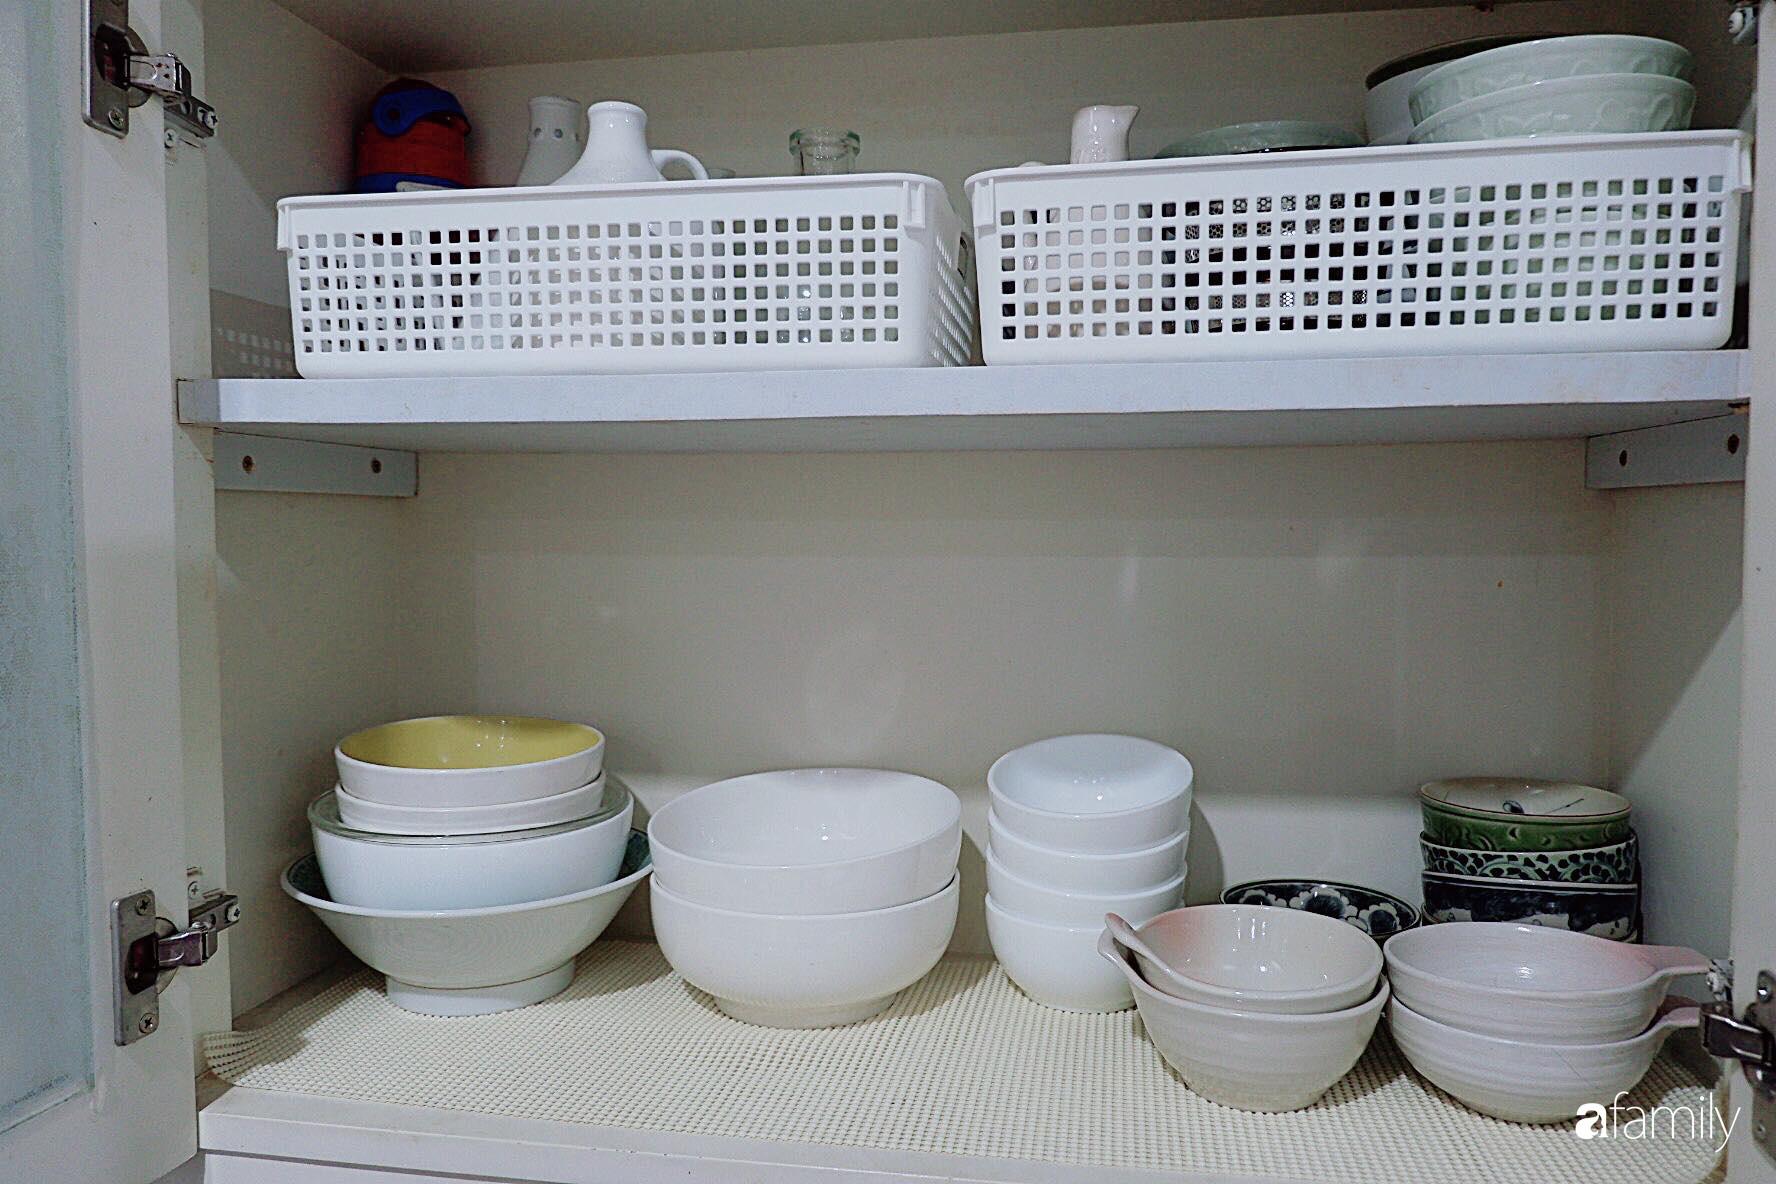 Căn bếp nhỏ xíu xây nhiều năm vẫn gọn đẹp như mới ở TP. HCM - Ảnh 13.